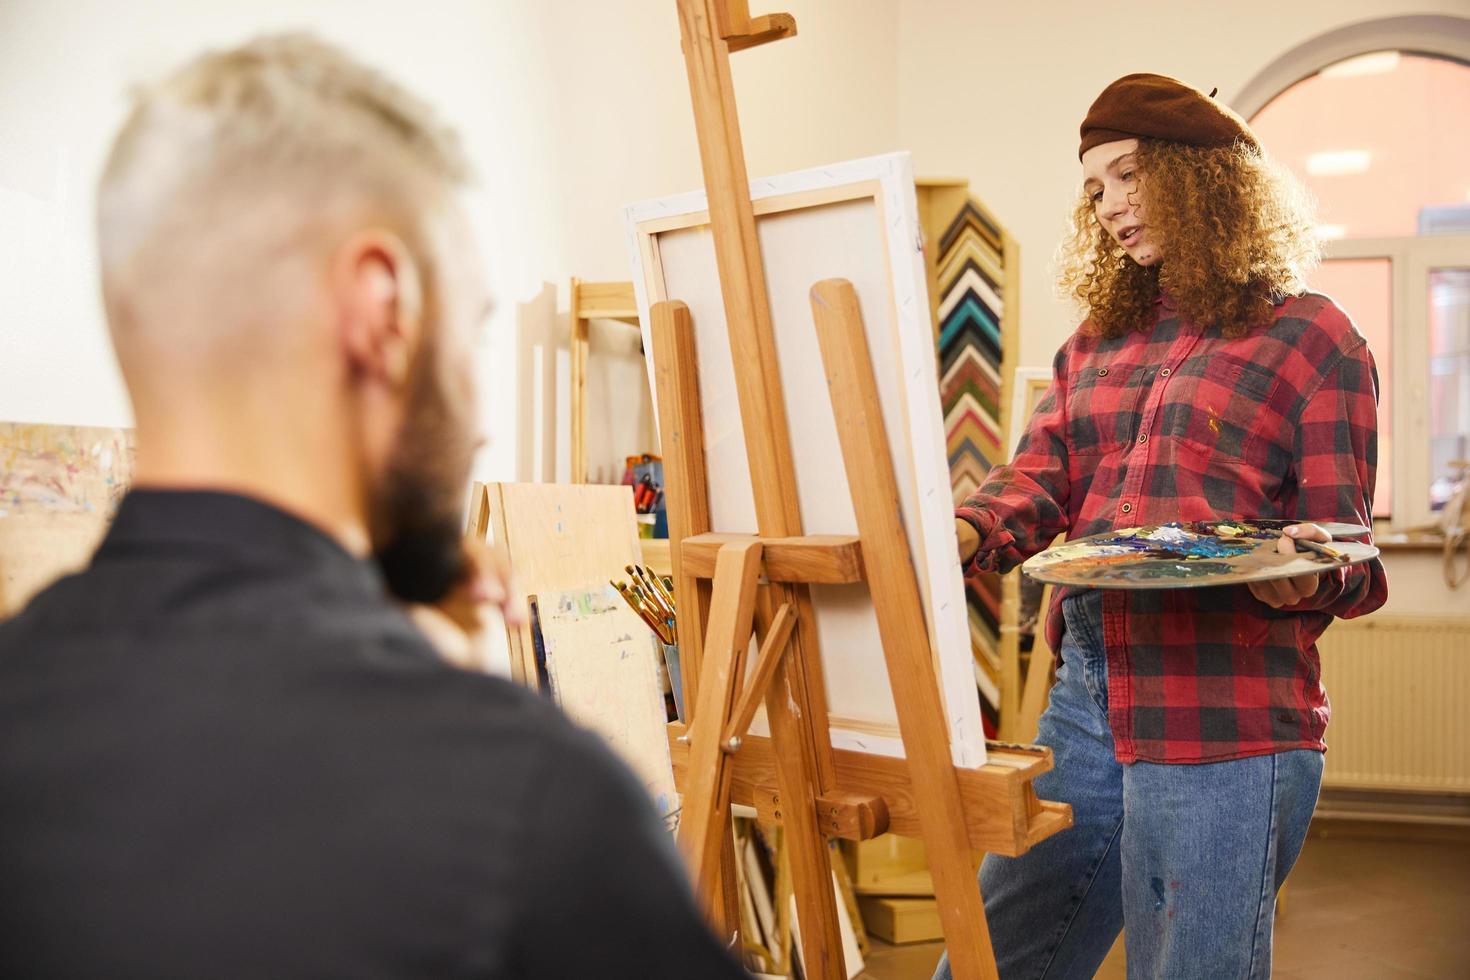 ragazza riccia sta disegnando un ritratto di un uomo foto